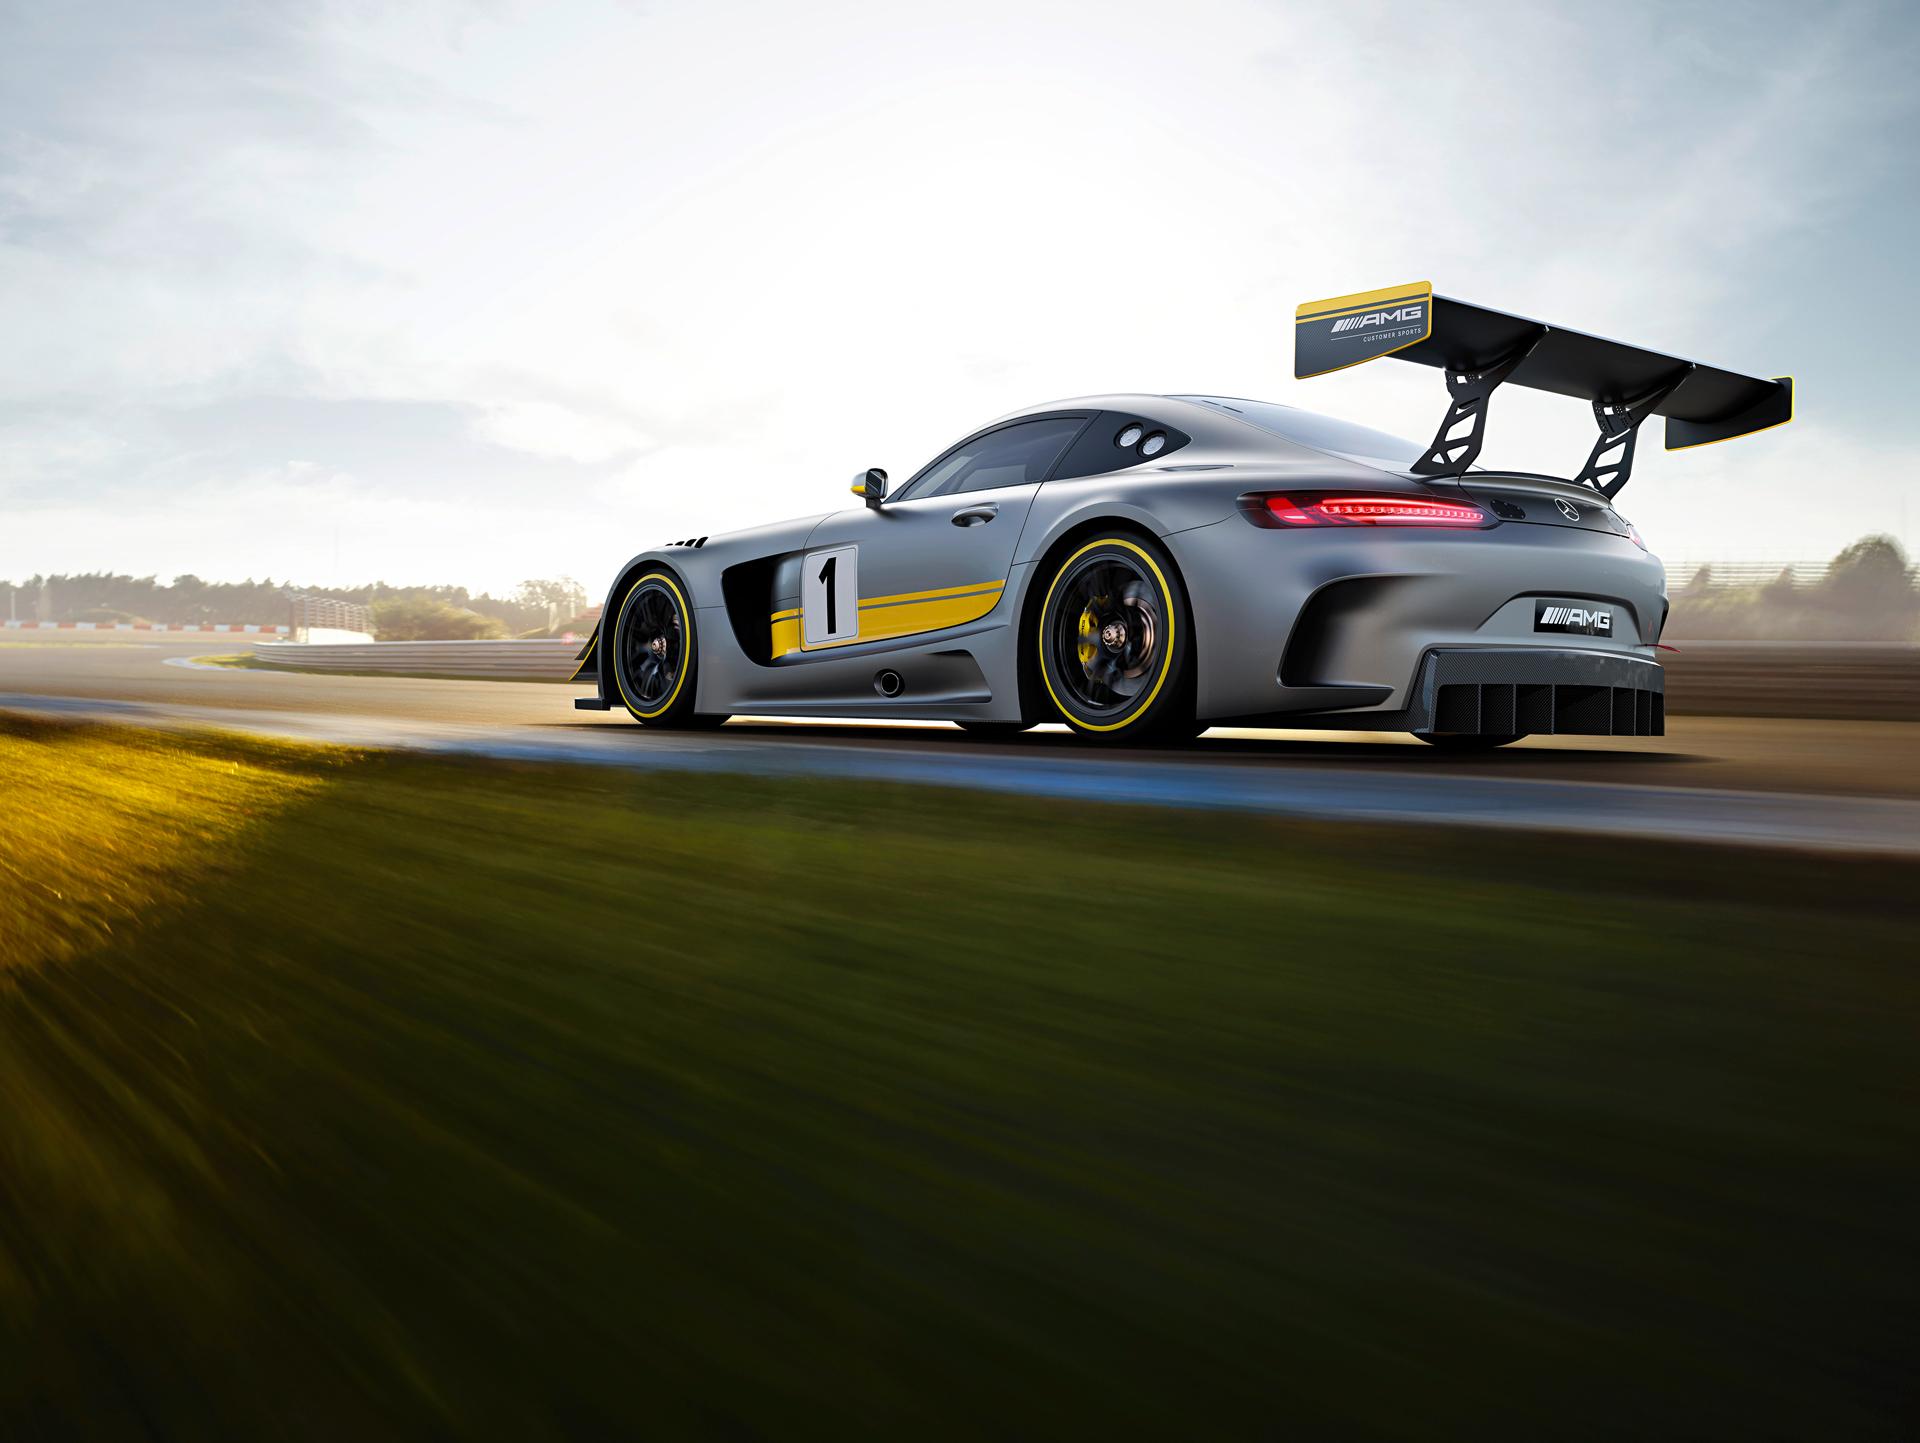 Mercedes-AMG GT3 - profil arrière